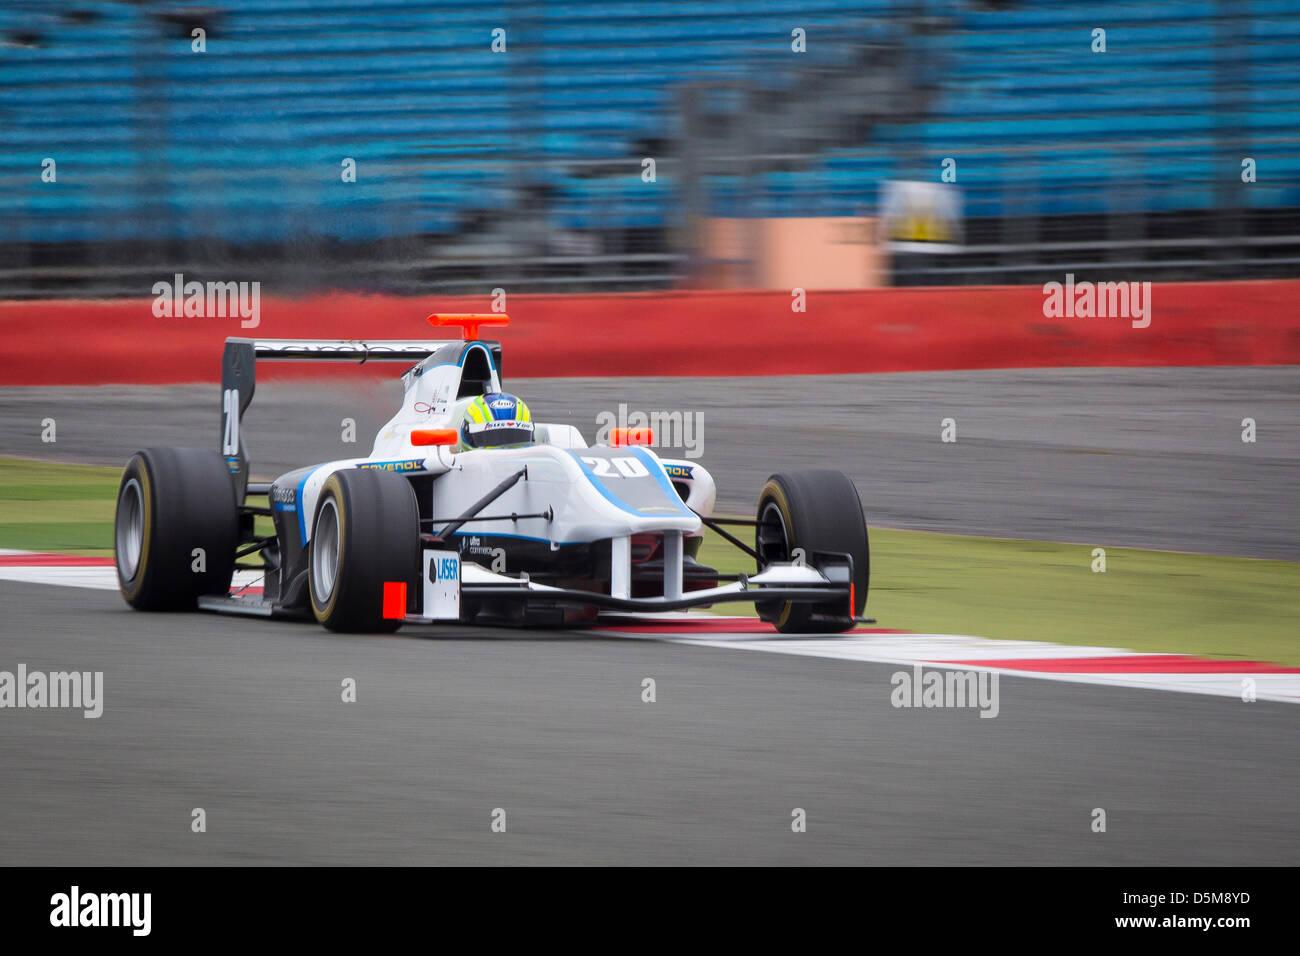 GP3 GP3Series Silverstone Test Rennsport Motorsport Auto Rennwagen verfolgen Northampton, england Stockbild